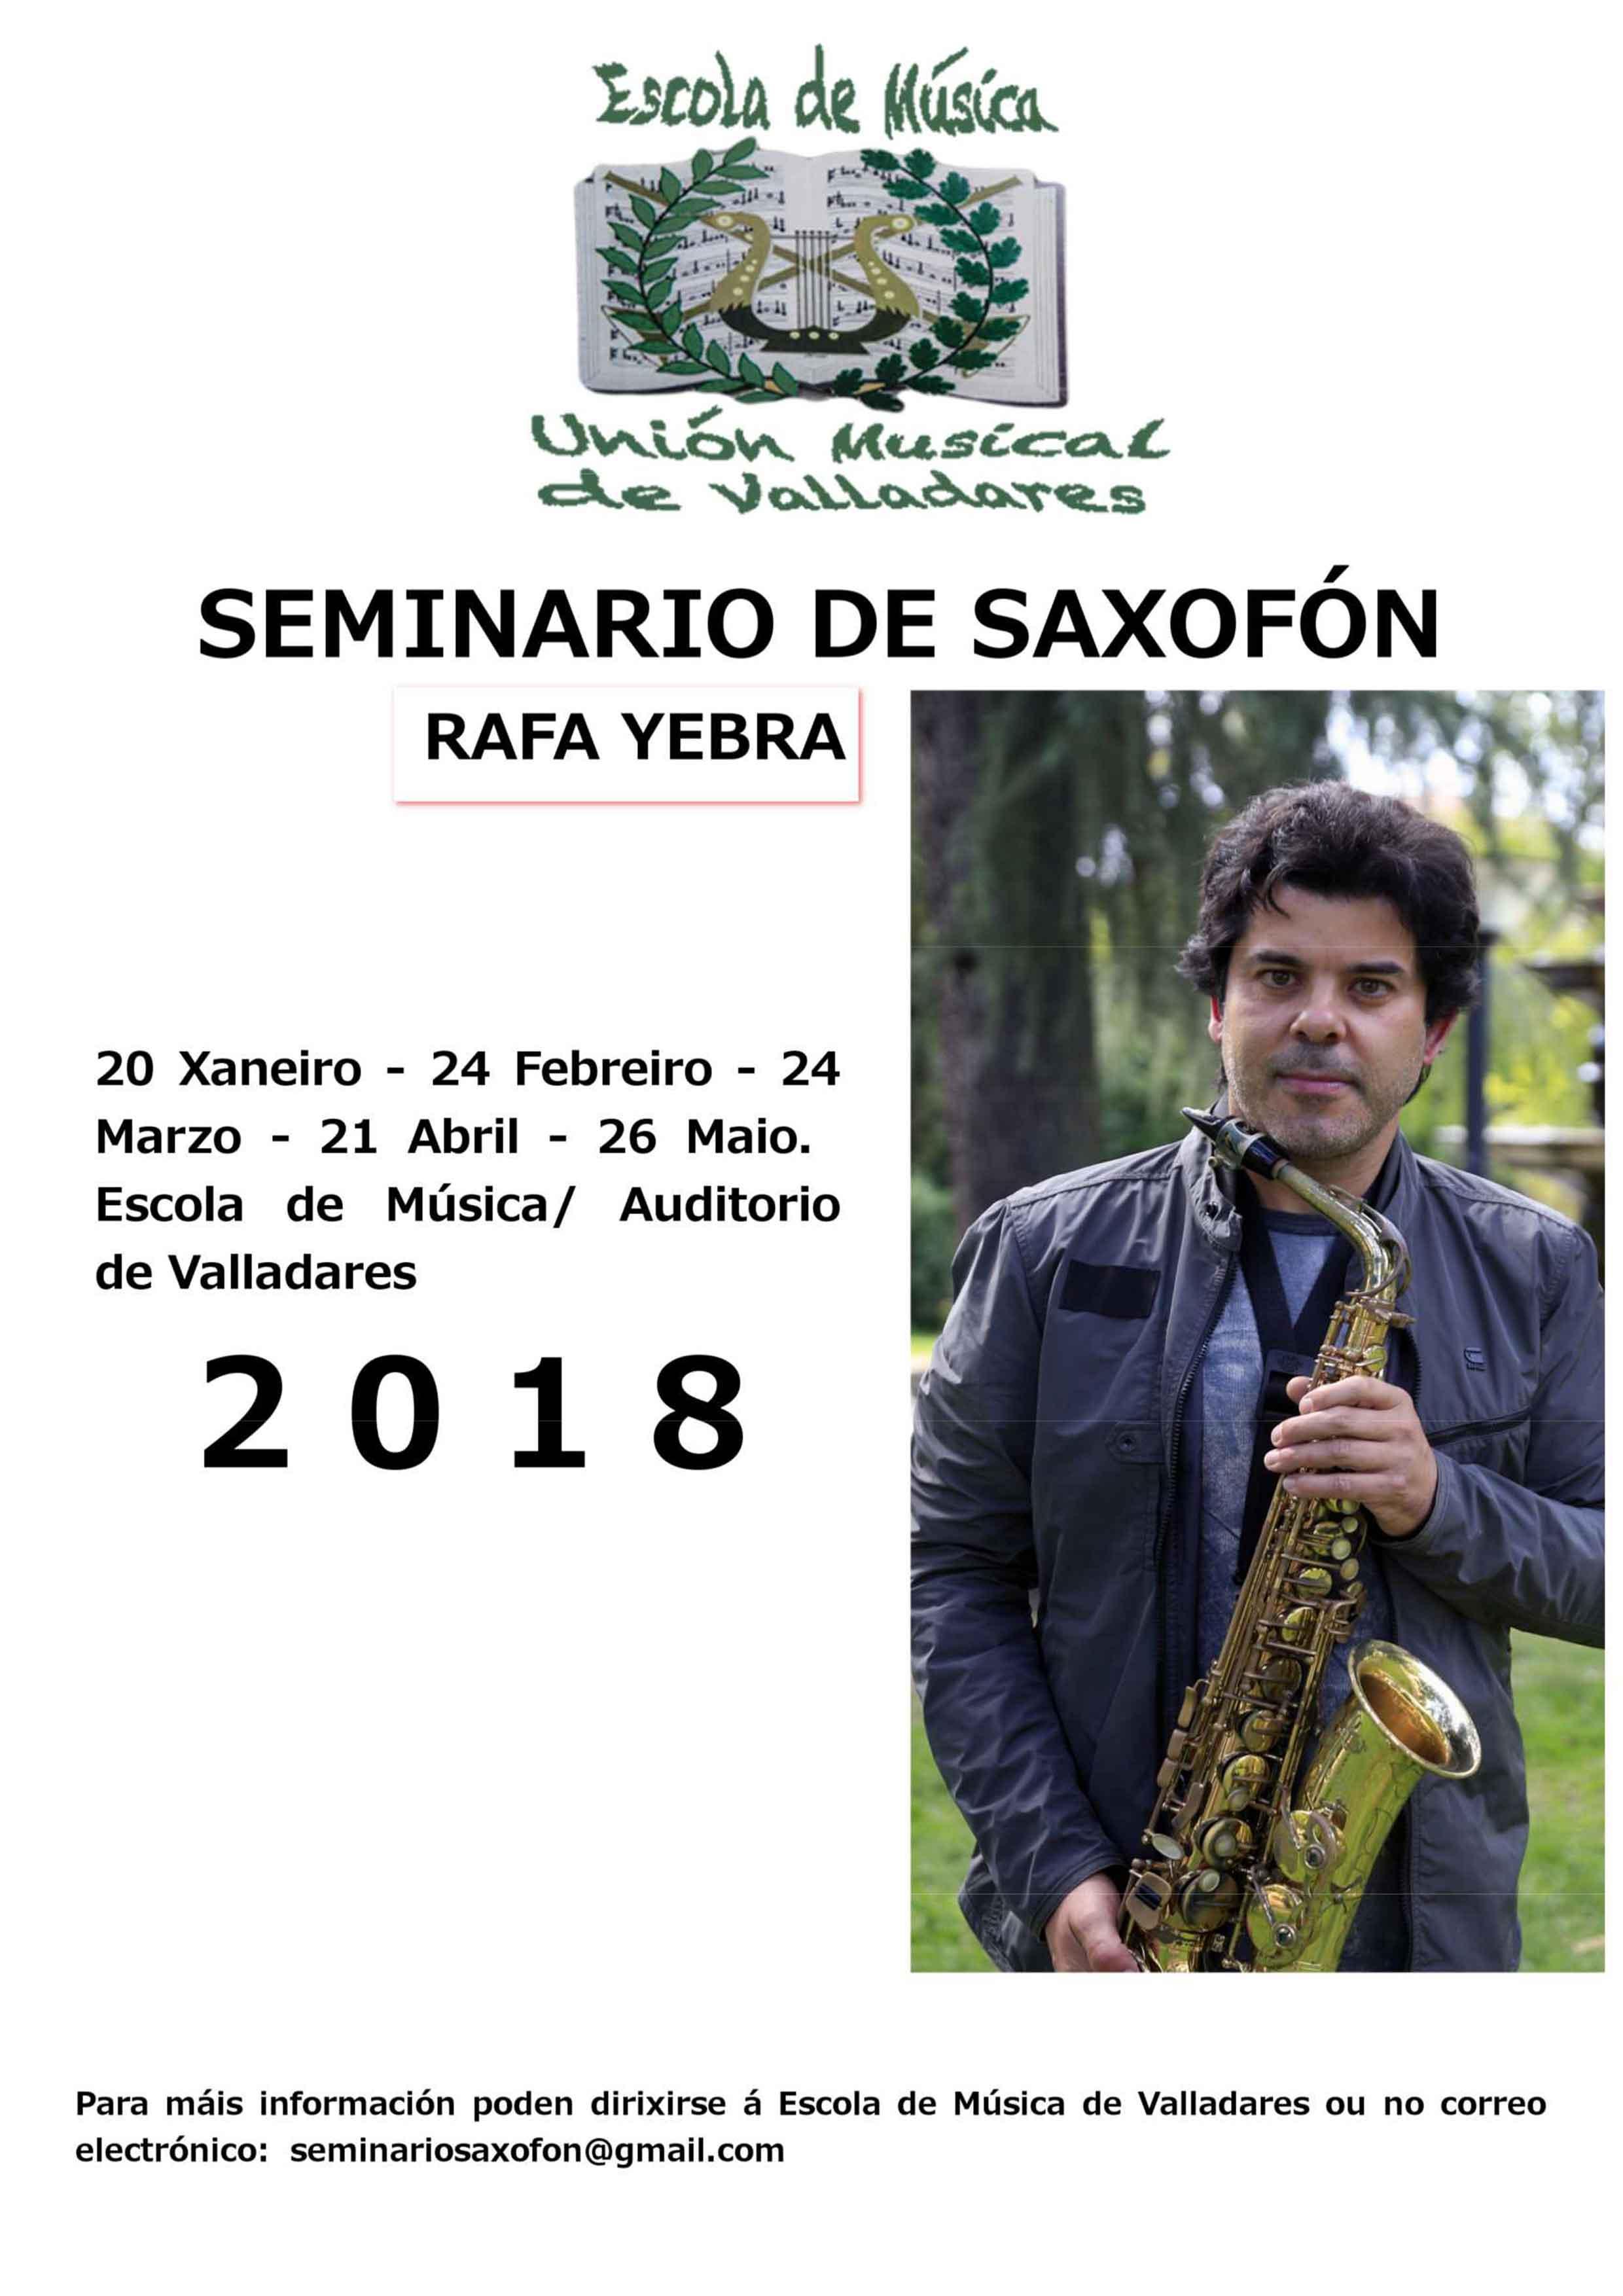 Seminario De Saxofón Con Rafa Yebra